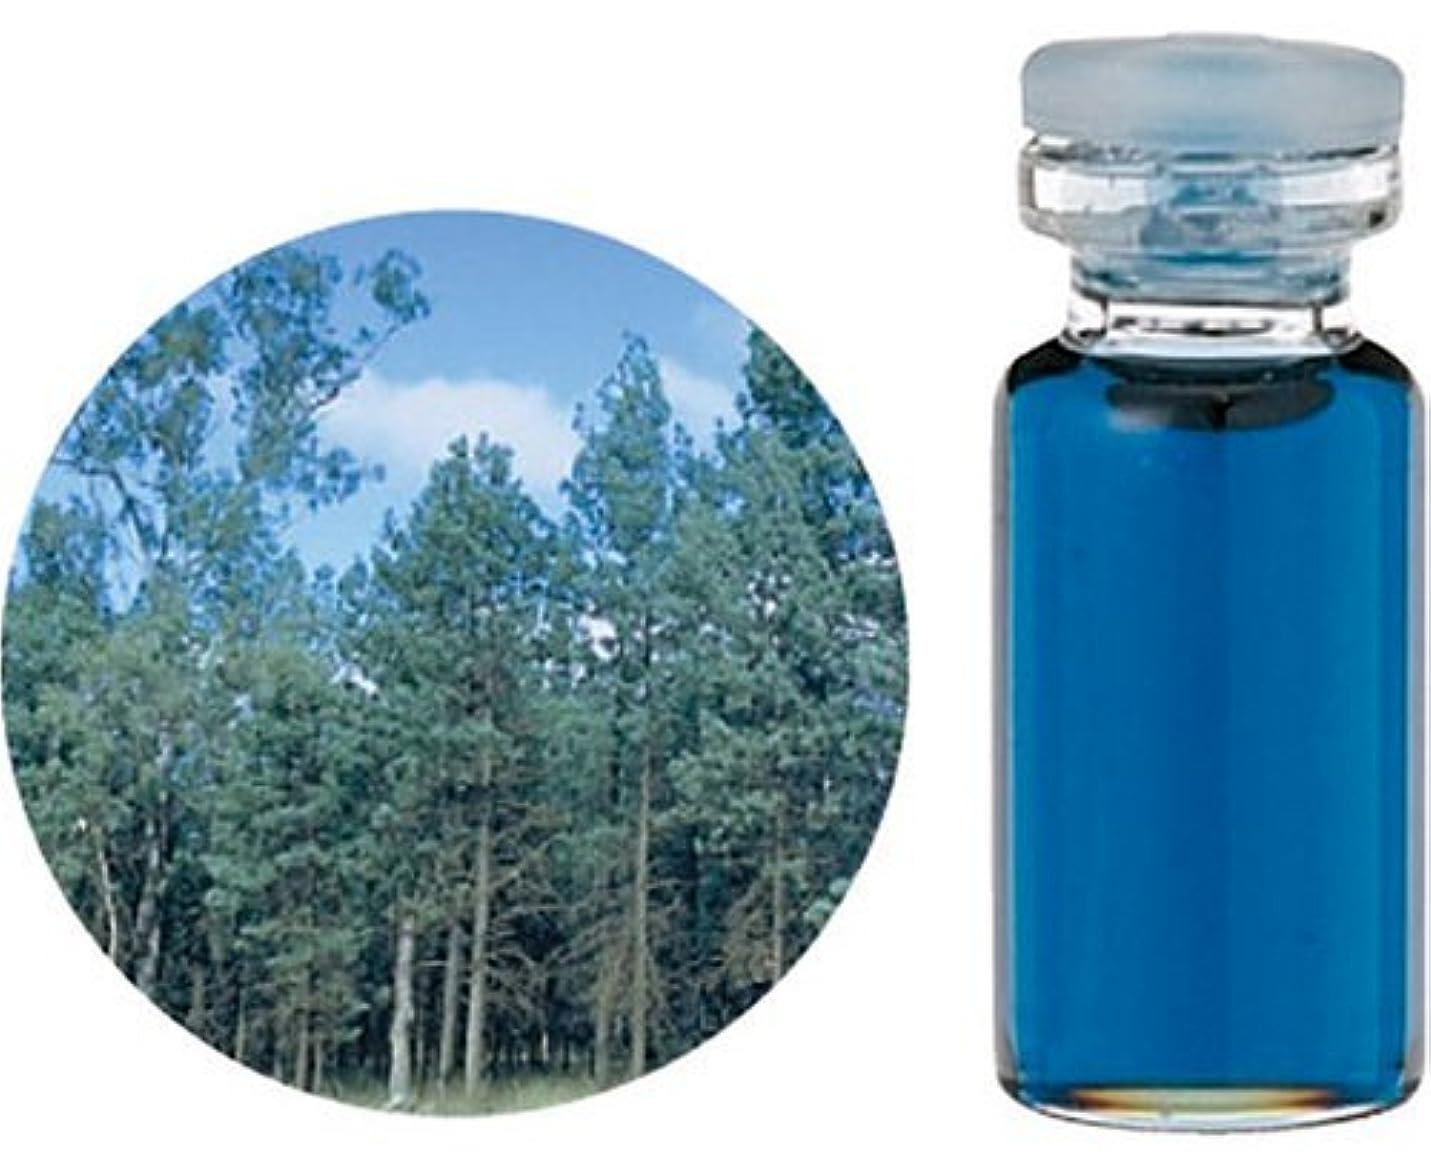 癌変更可能お願いします生活の木 C ブルー サイプレス エッセンシャルオイル 3ml オイル